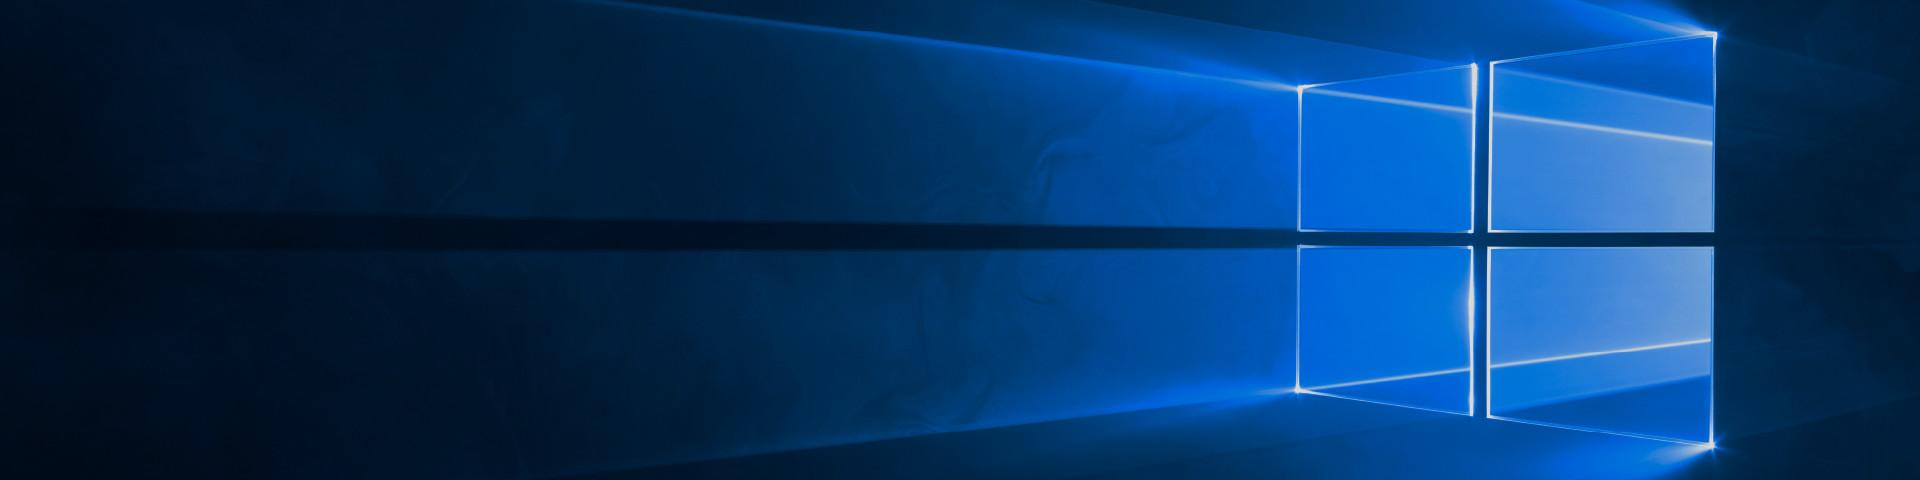 Windows 10 karşınızda; üstelik ücretsiz olarak indirebilirsiniz.*